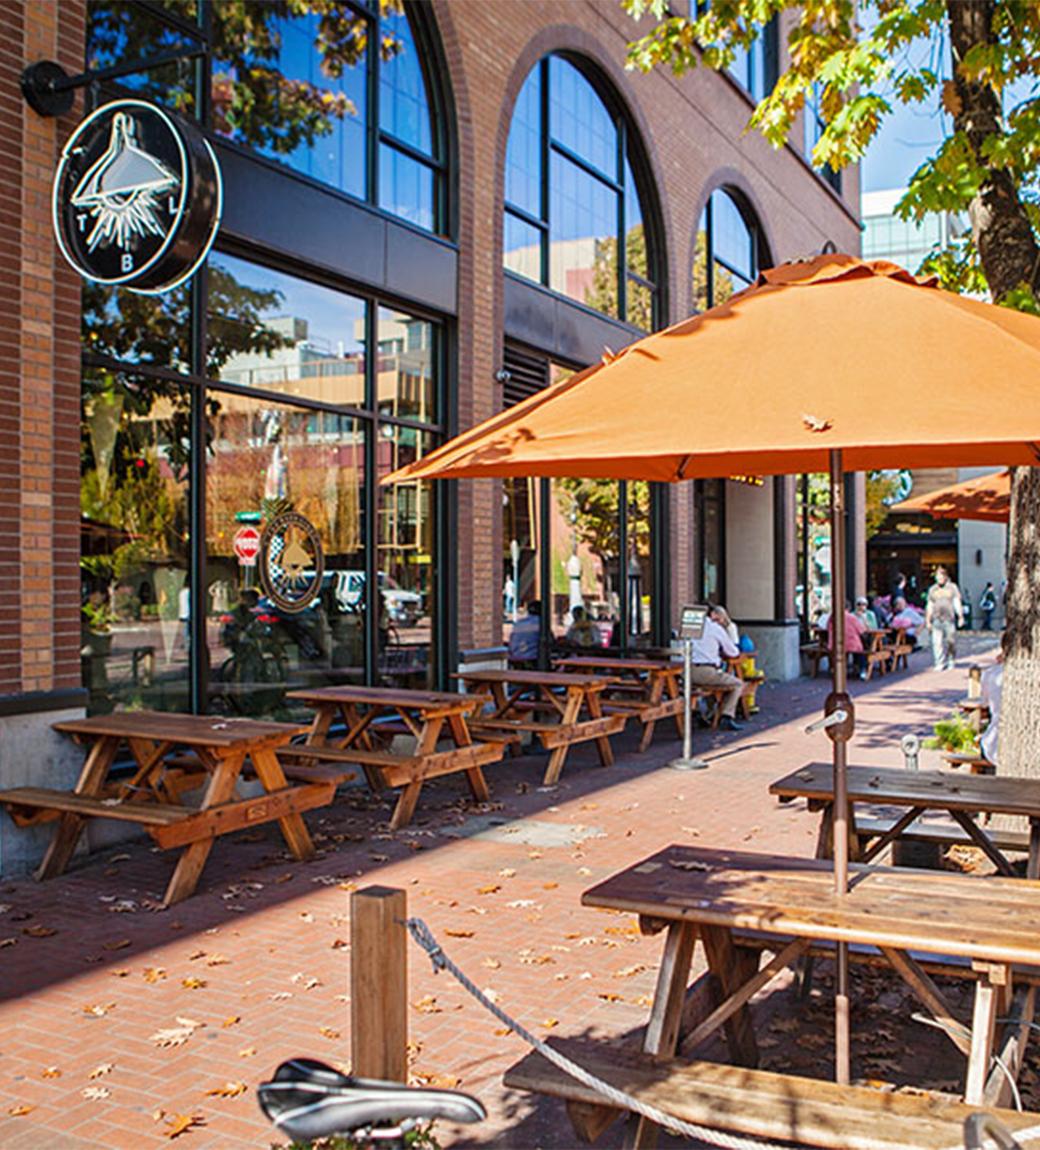 The Barn Light - Downtown Eugene